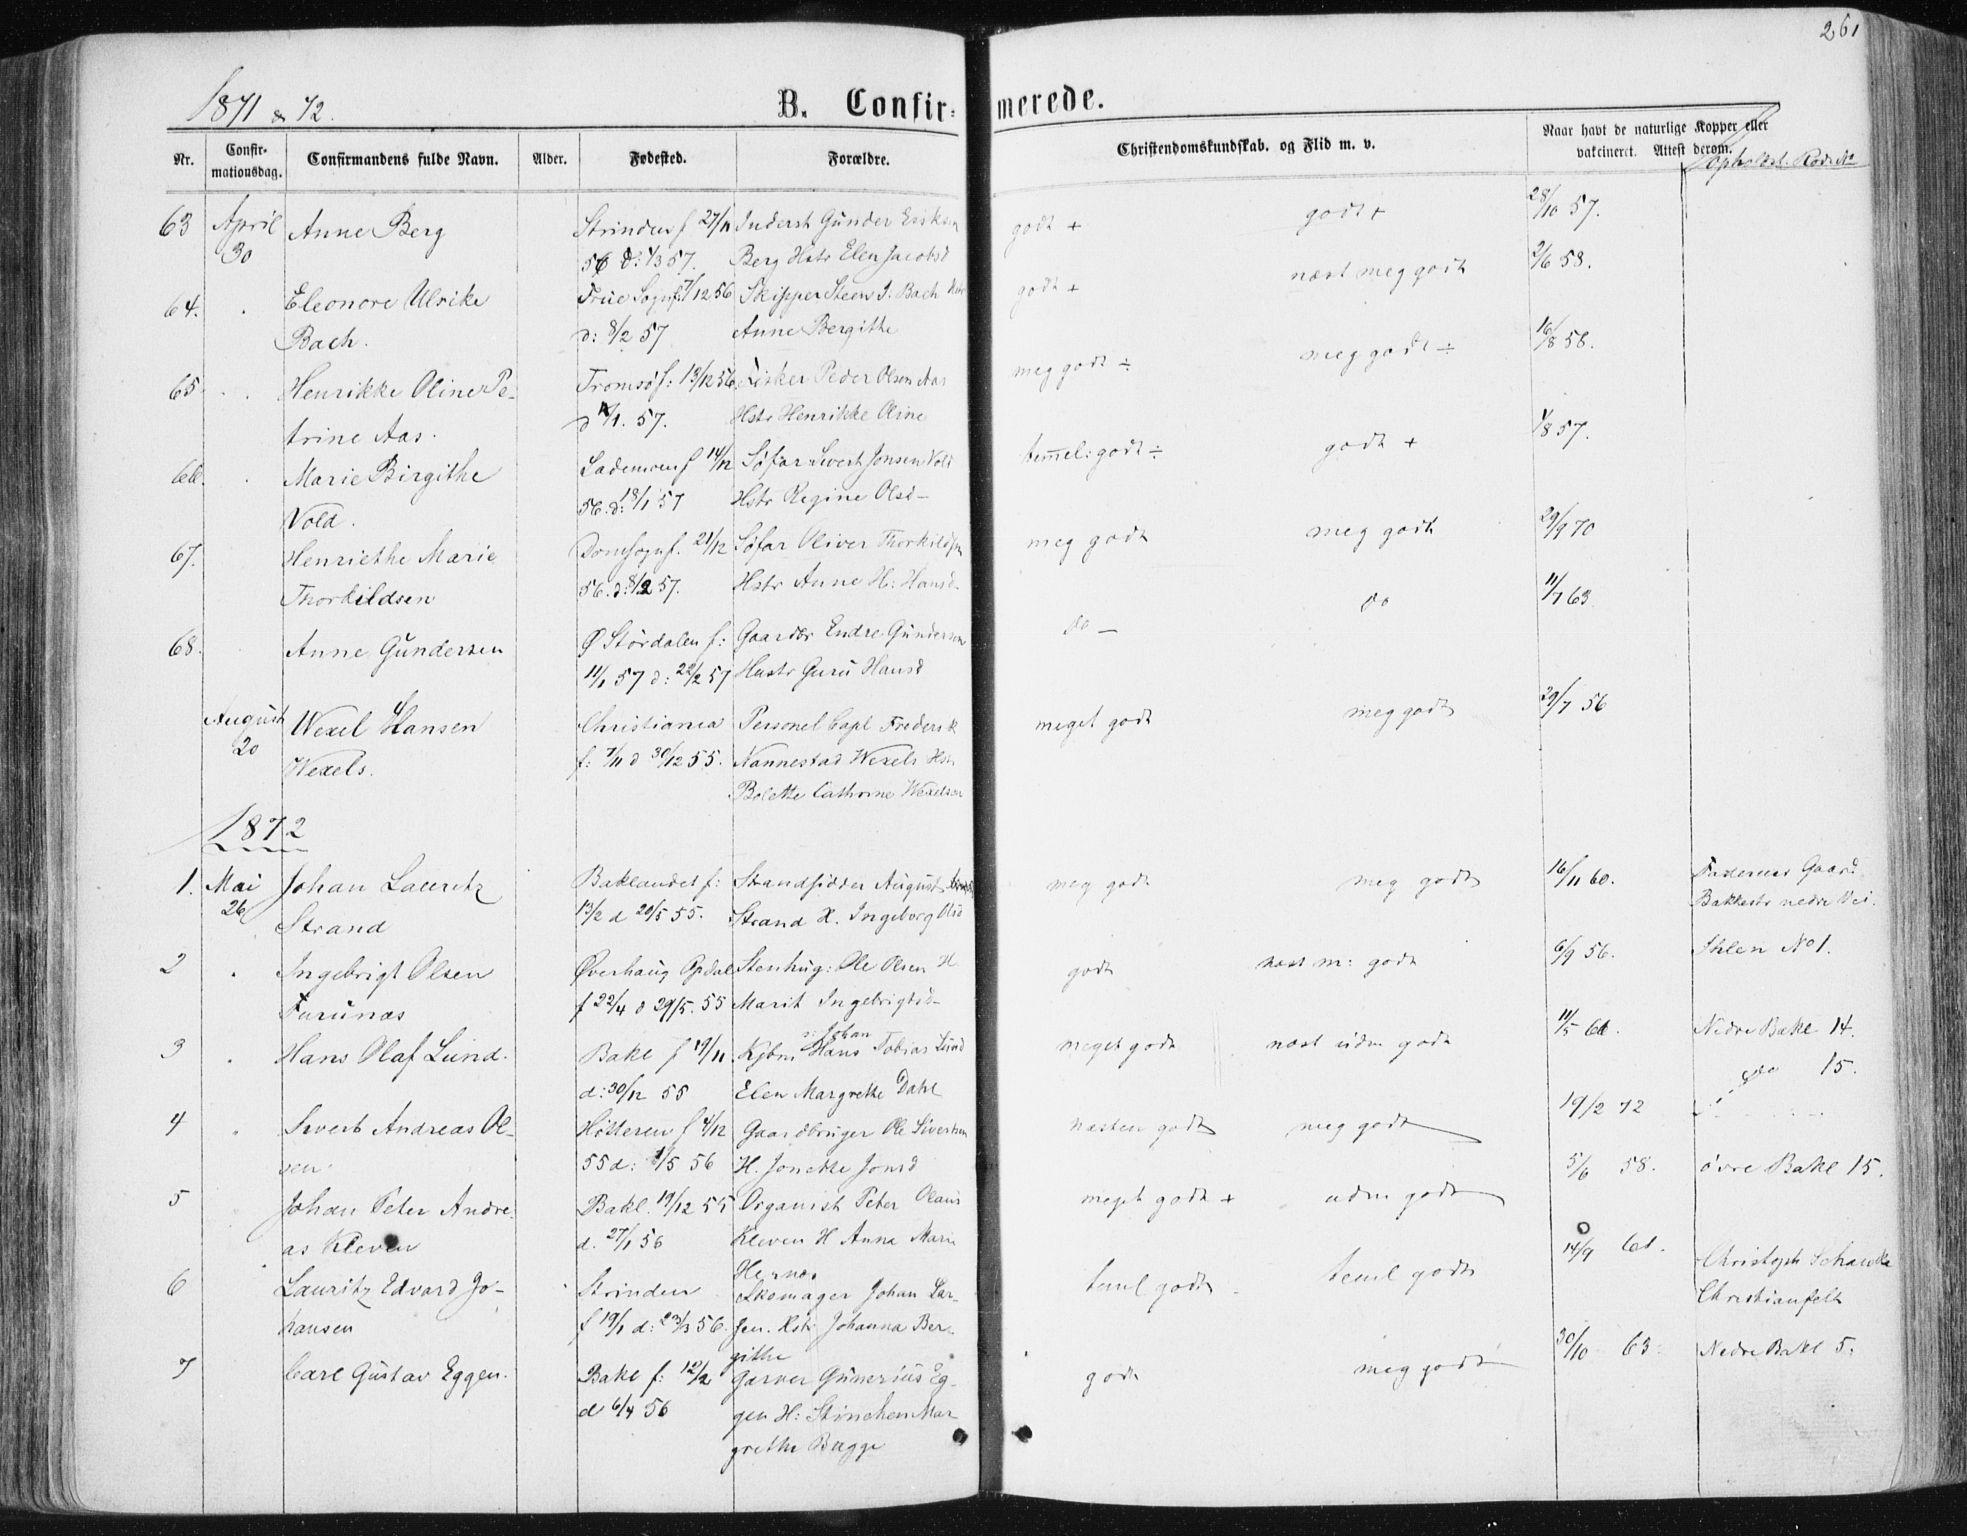 SAT, Ministerialprotokoller, klokkerbøker og fødselsregistre - Sør-Trøndelag, 604/L0186: Ministerialbok nr. 604A07, 1866-1877, s. 261